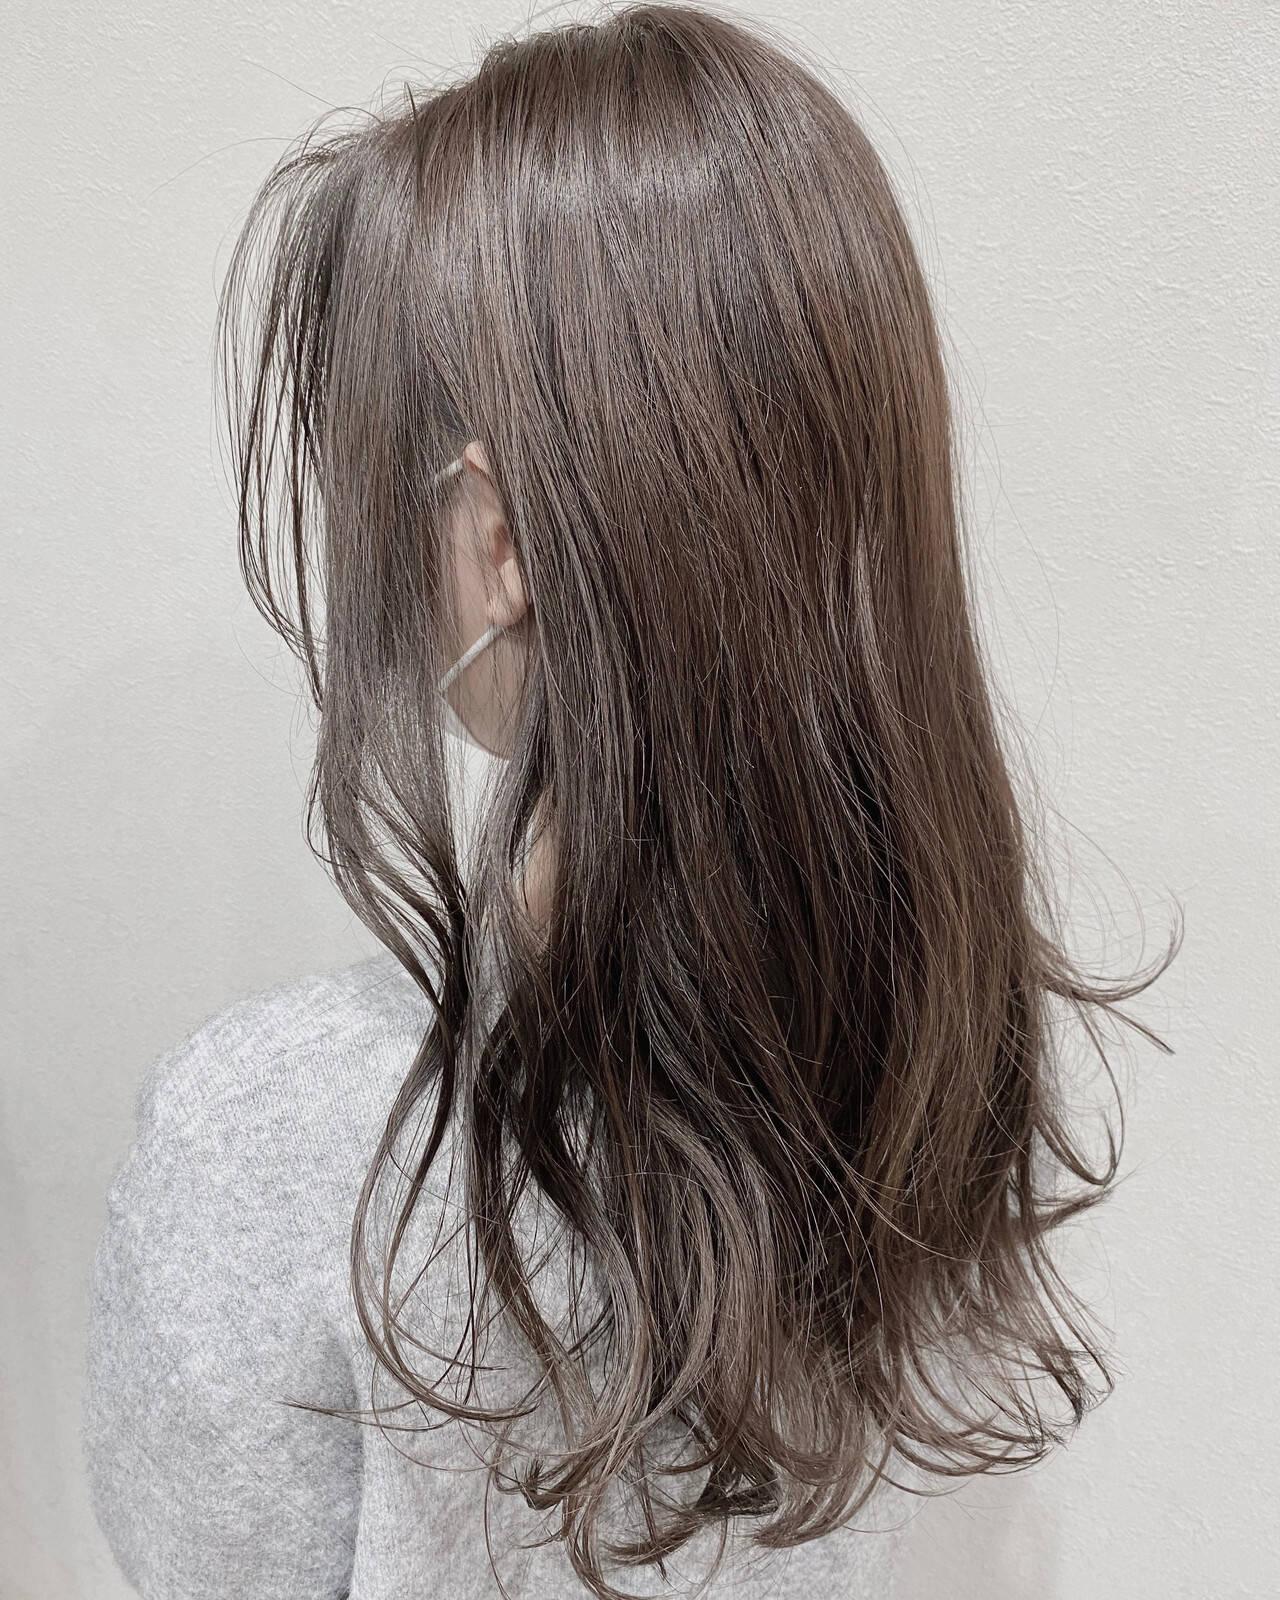 ゆる巻き センターパート アッシュグレージュ 3Dハイライトヘアスタイルや髪型の写真・画像